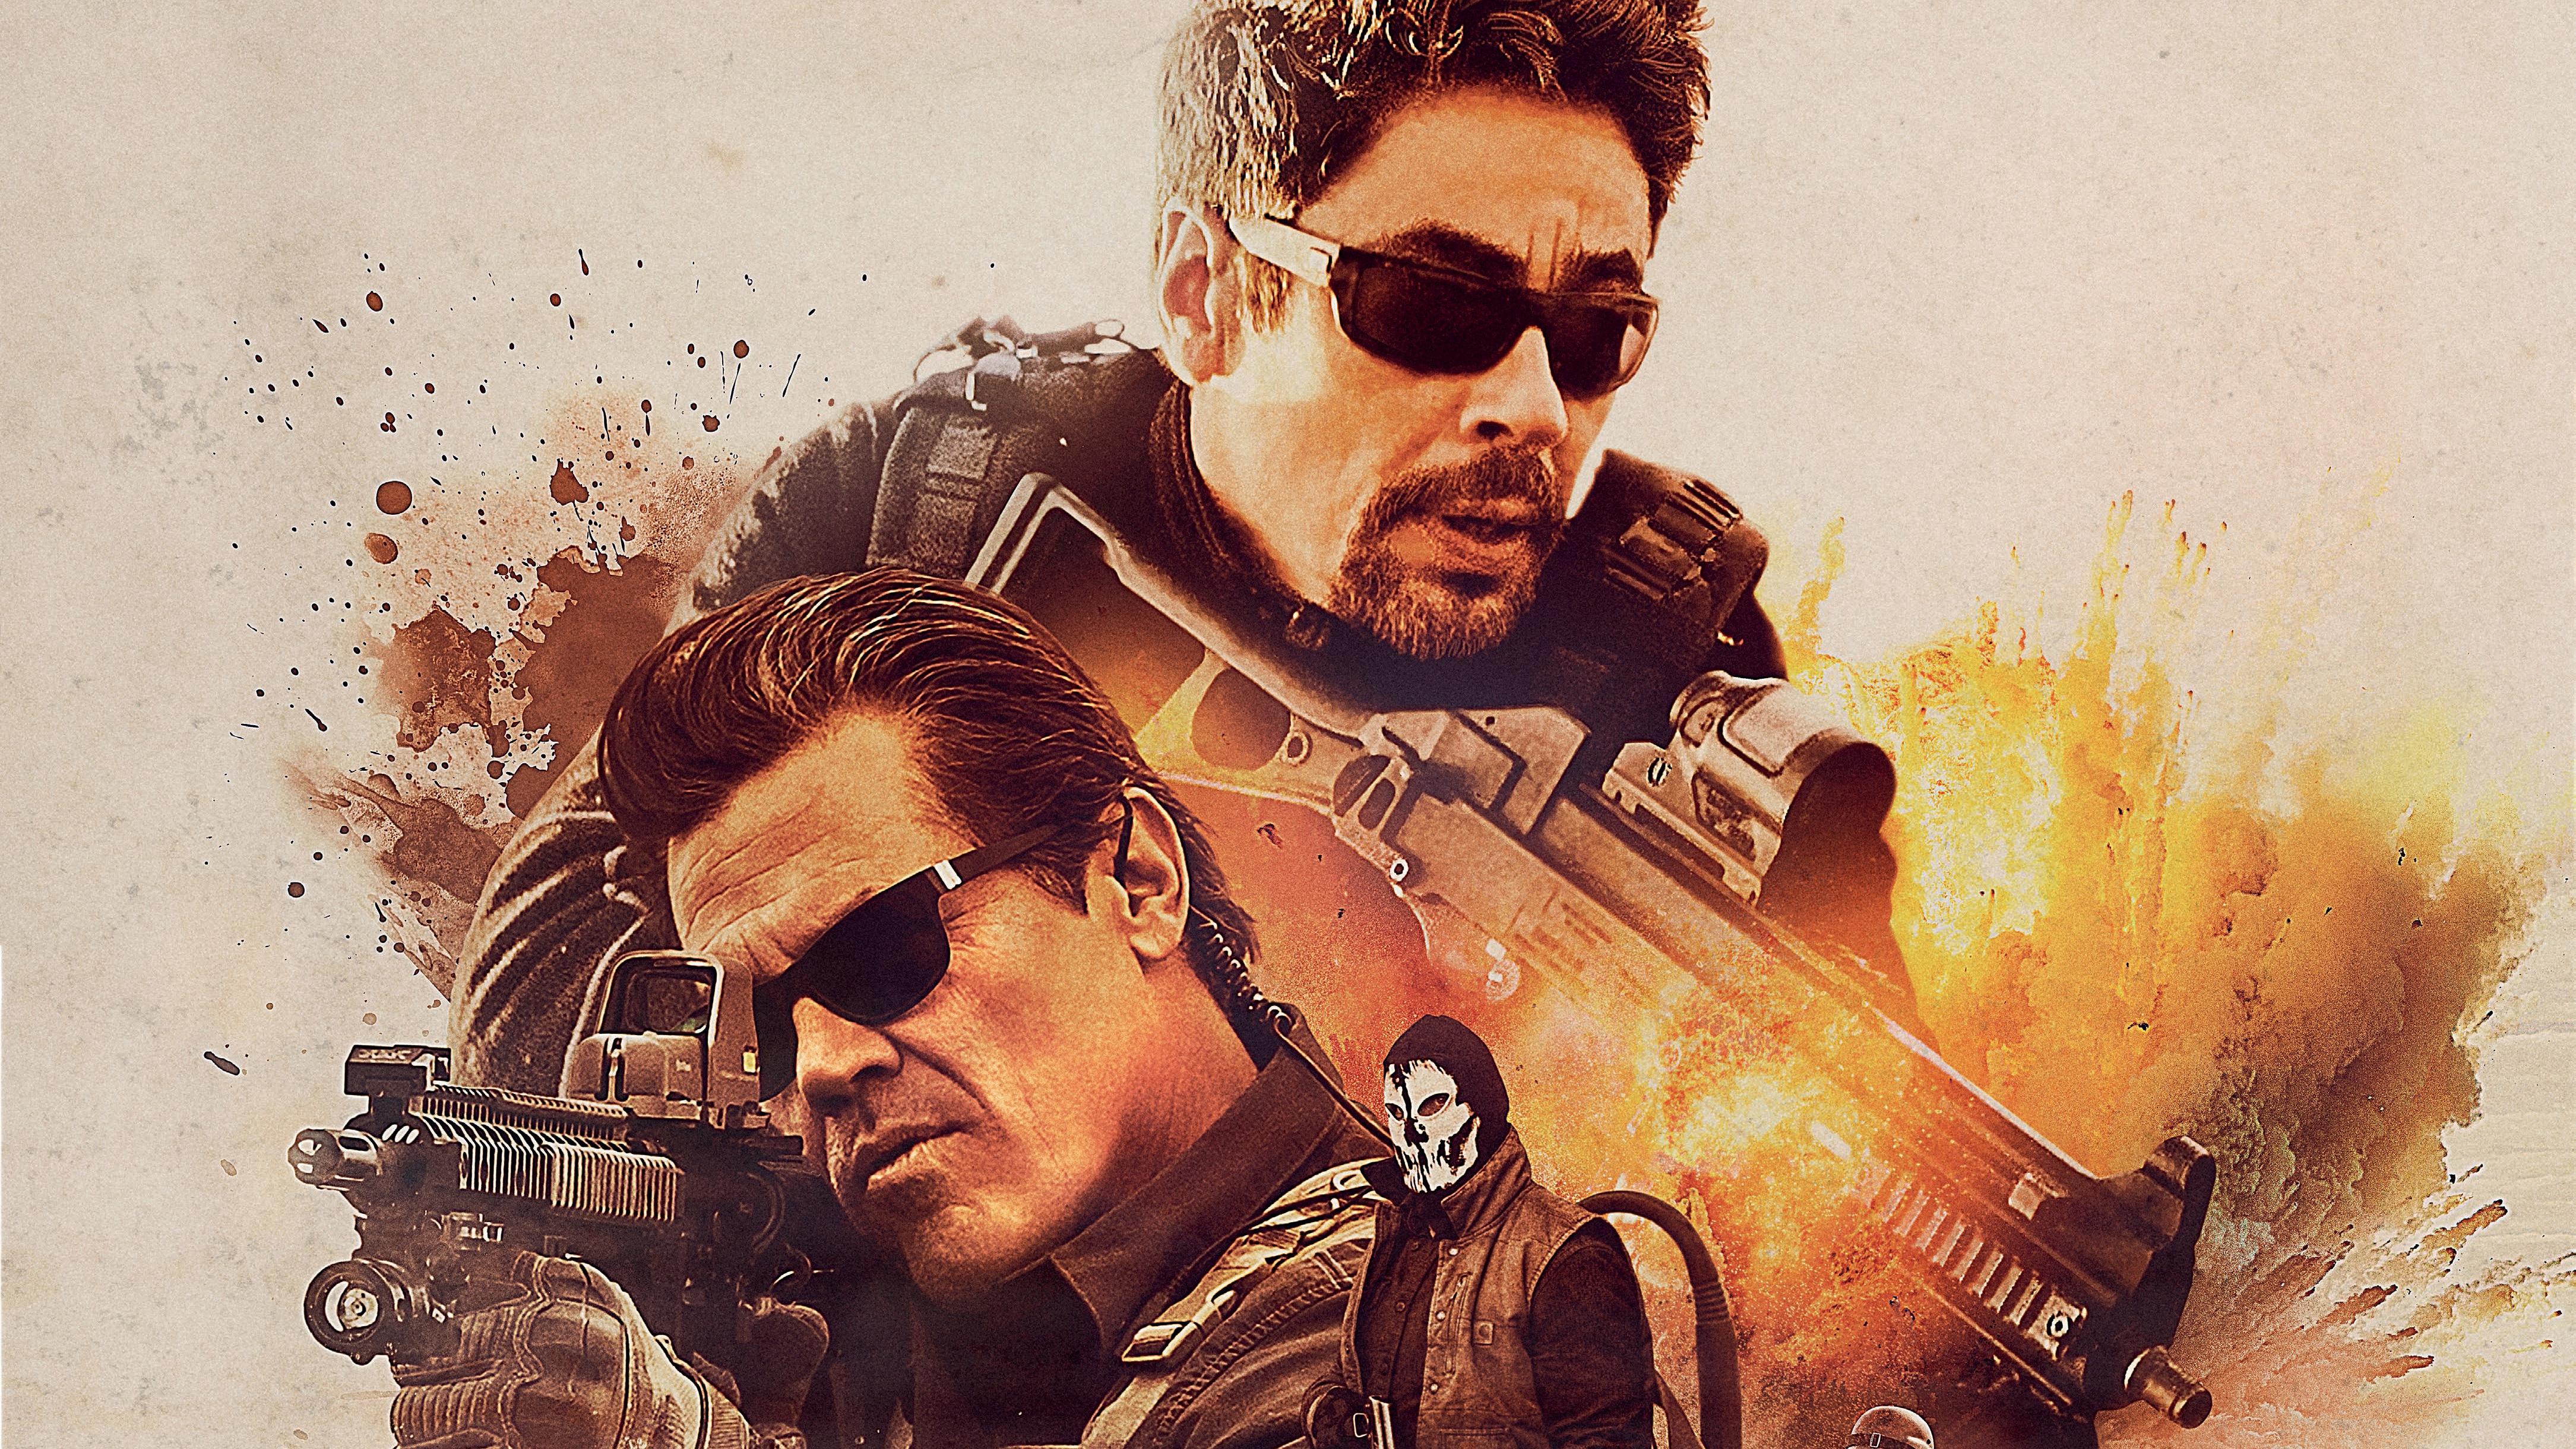 Sicario day of the soldado 4k 5k hd movies 4k wallpapers - Sicario wallpaper ...